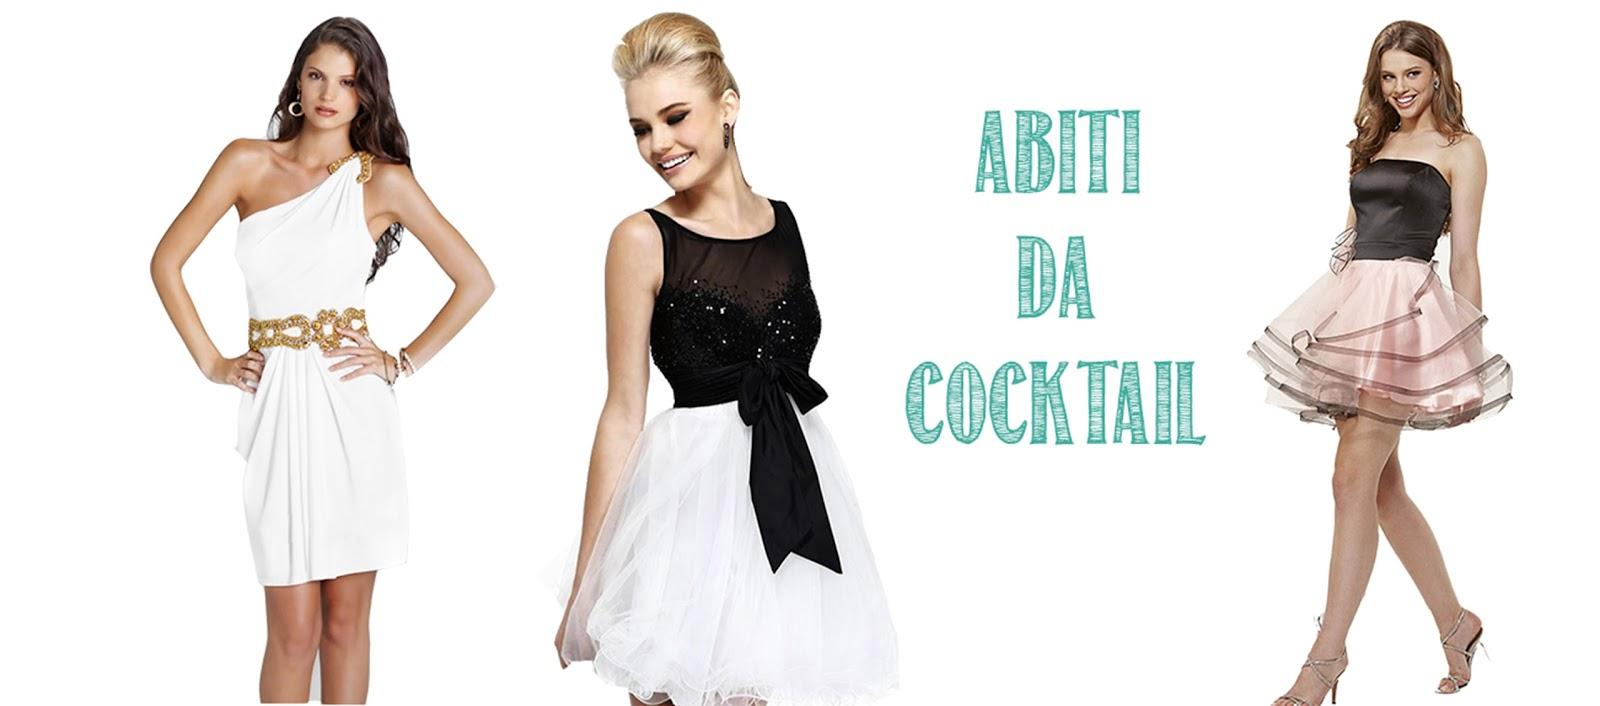 edaed2879123 Abiti da cocktail su misura da acquistare online - Lo stile di Artemide